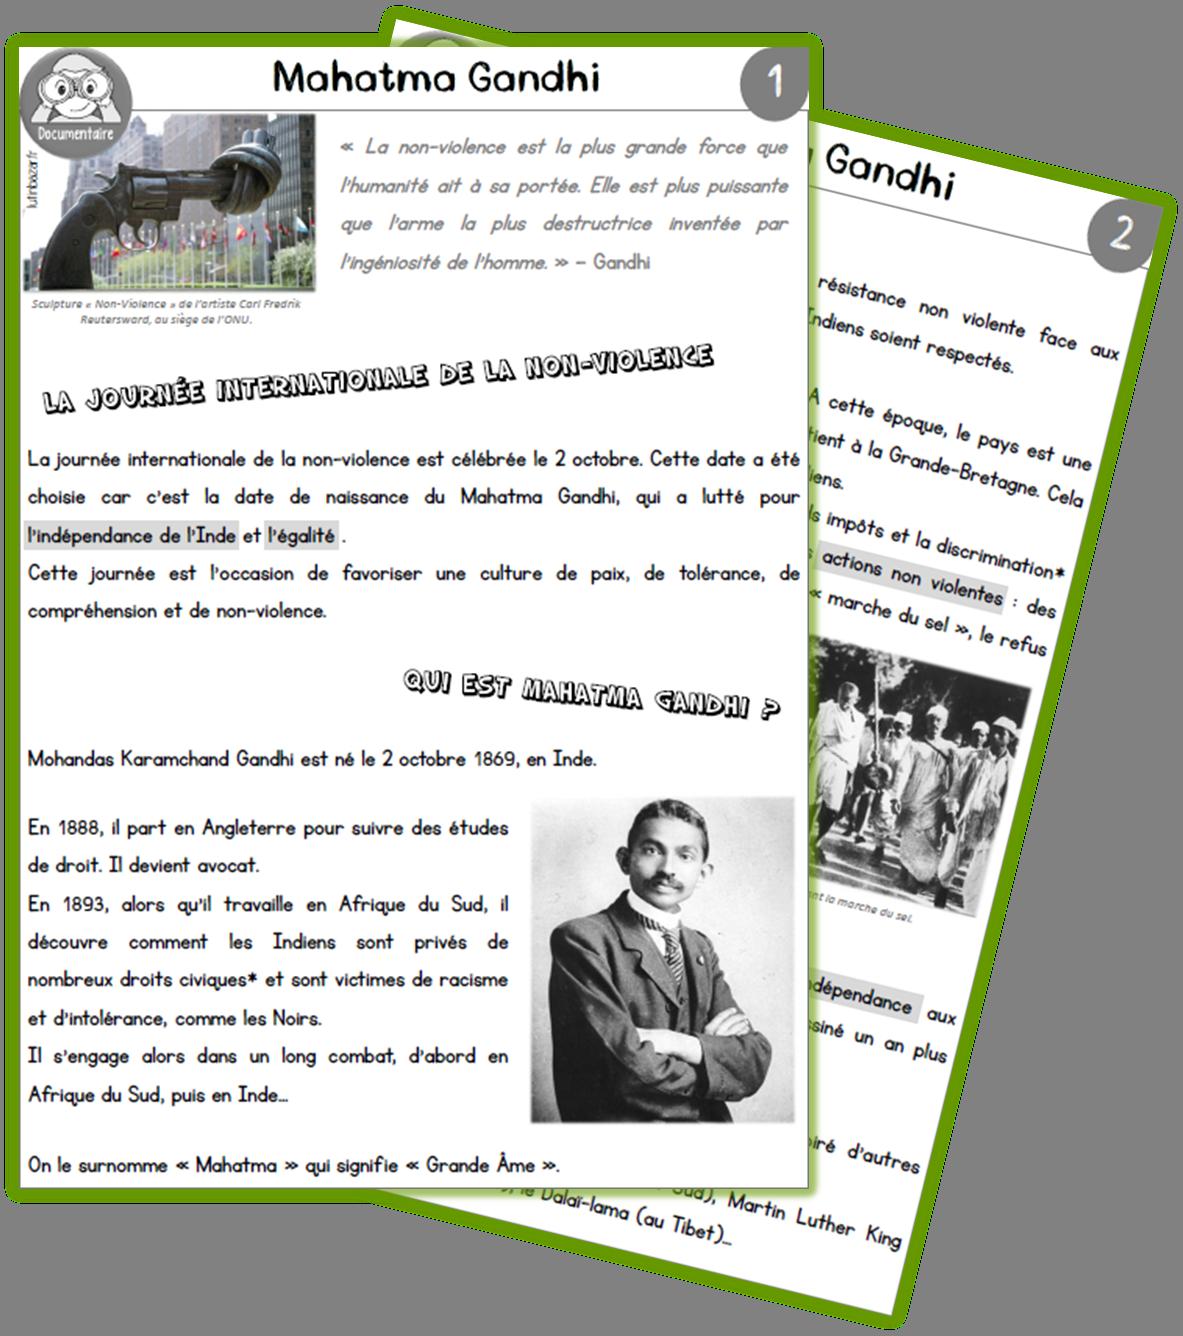 gandhi documentaire